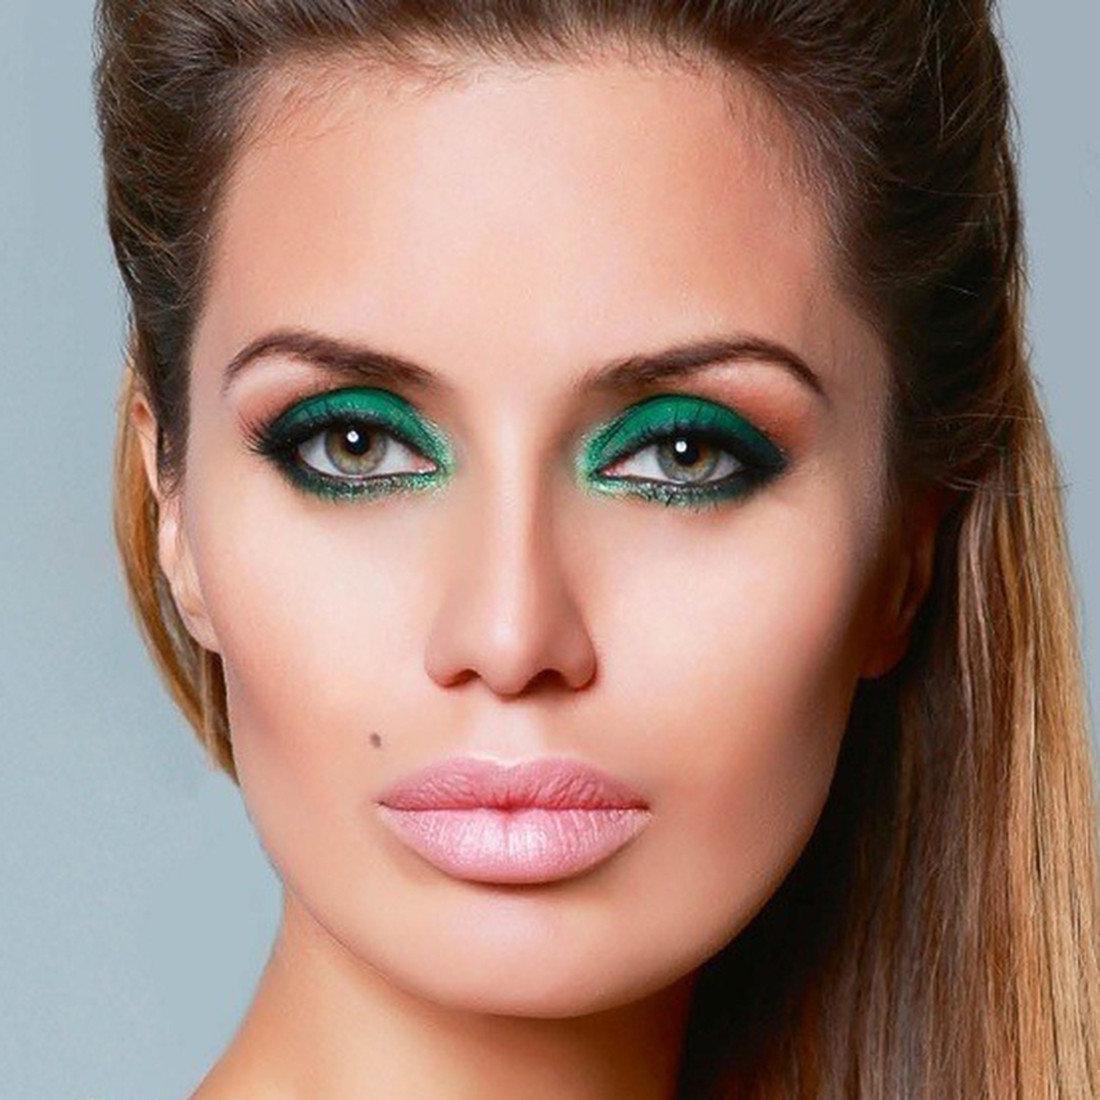 Макияж для зеленых глаз и квадратного лица